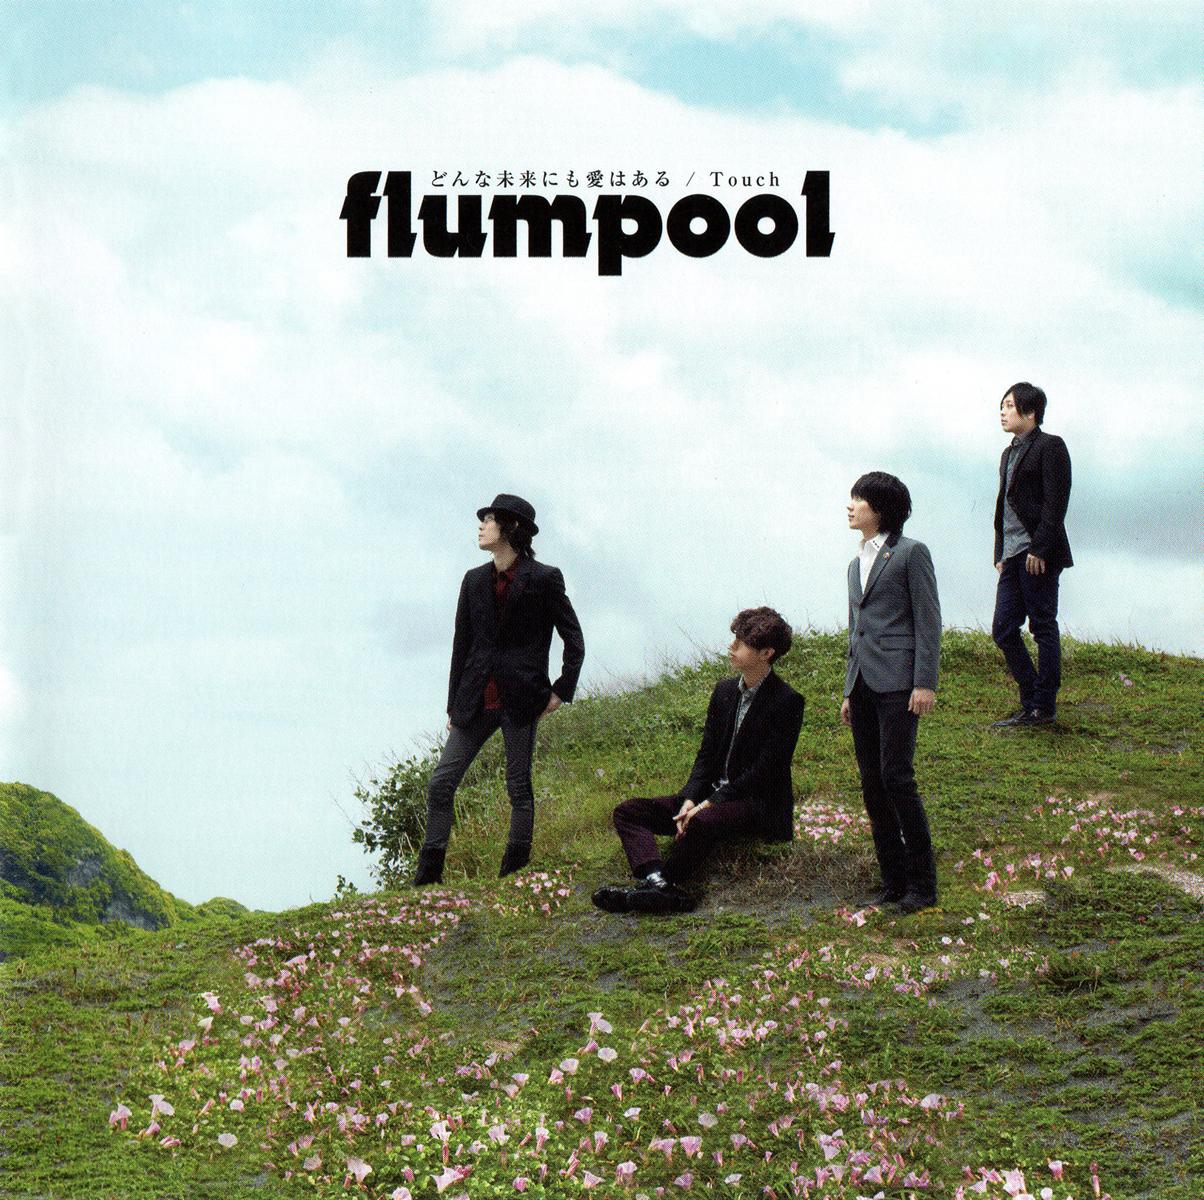 どんな未来にも愛はある / Touch <初回盤> flumpool (フランプール)の高画質ジャケット画像